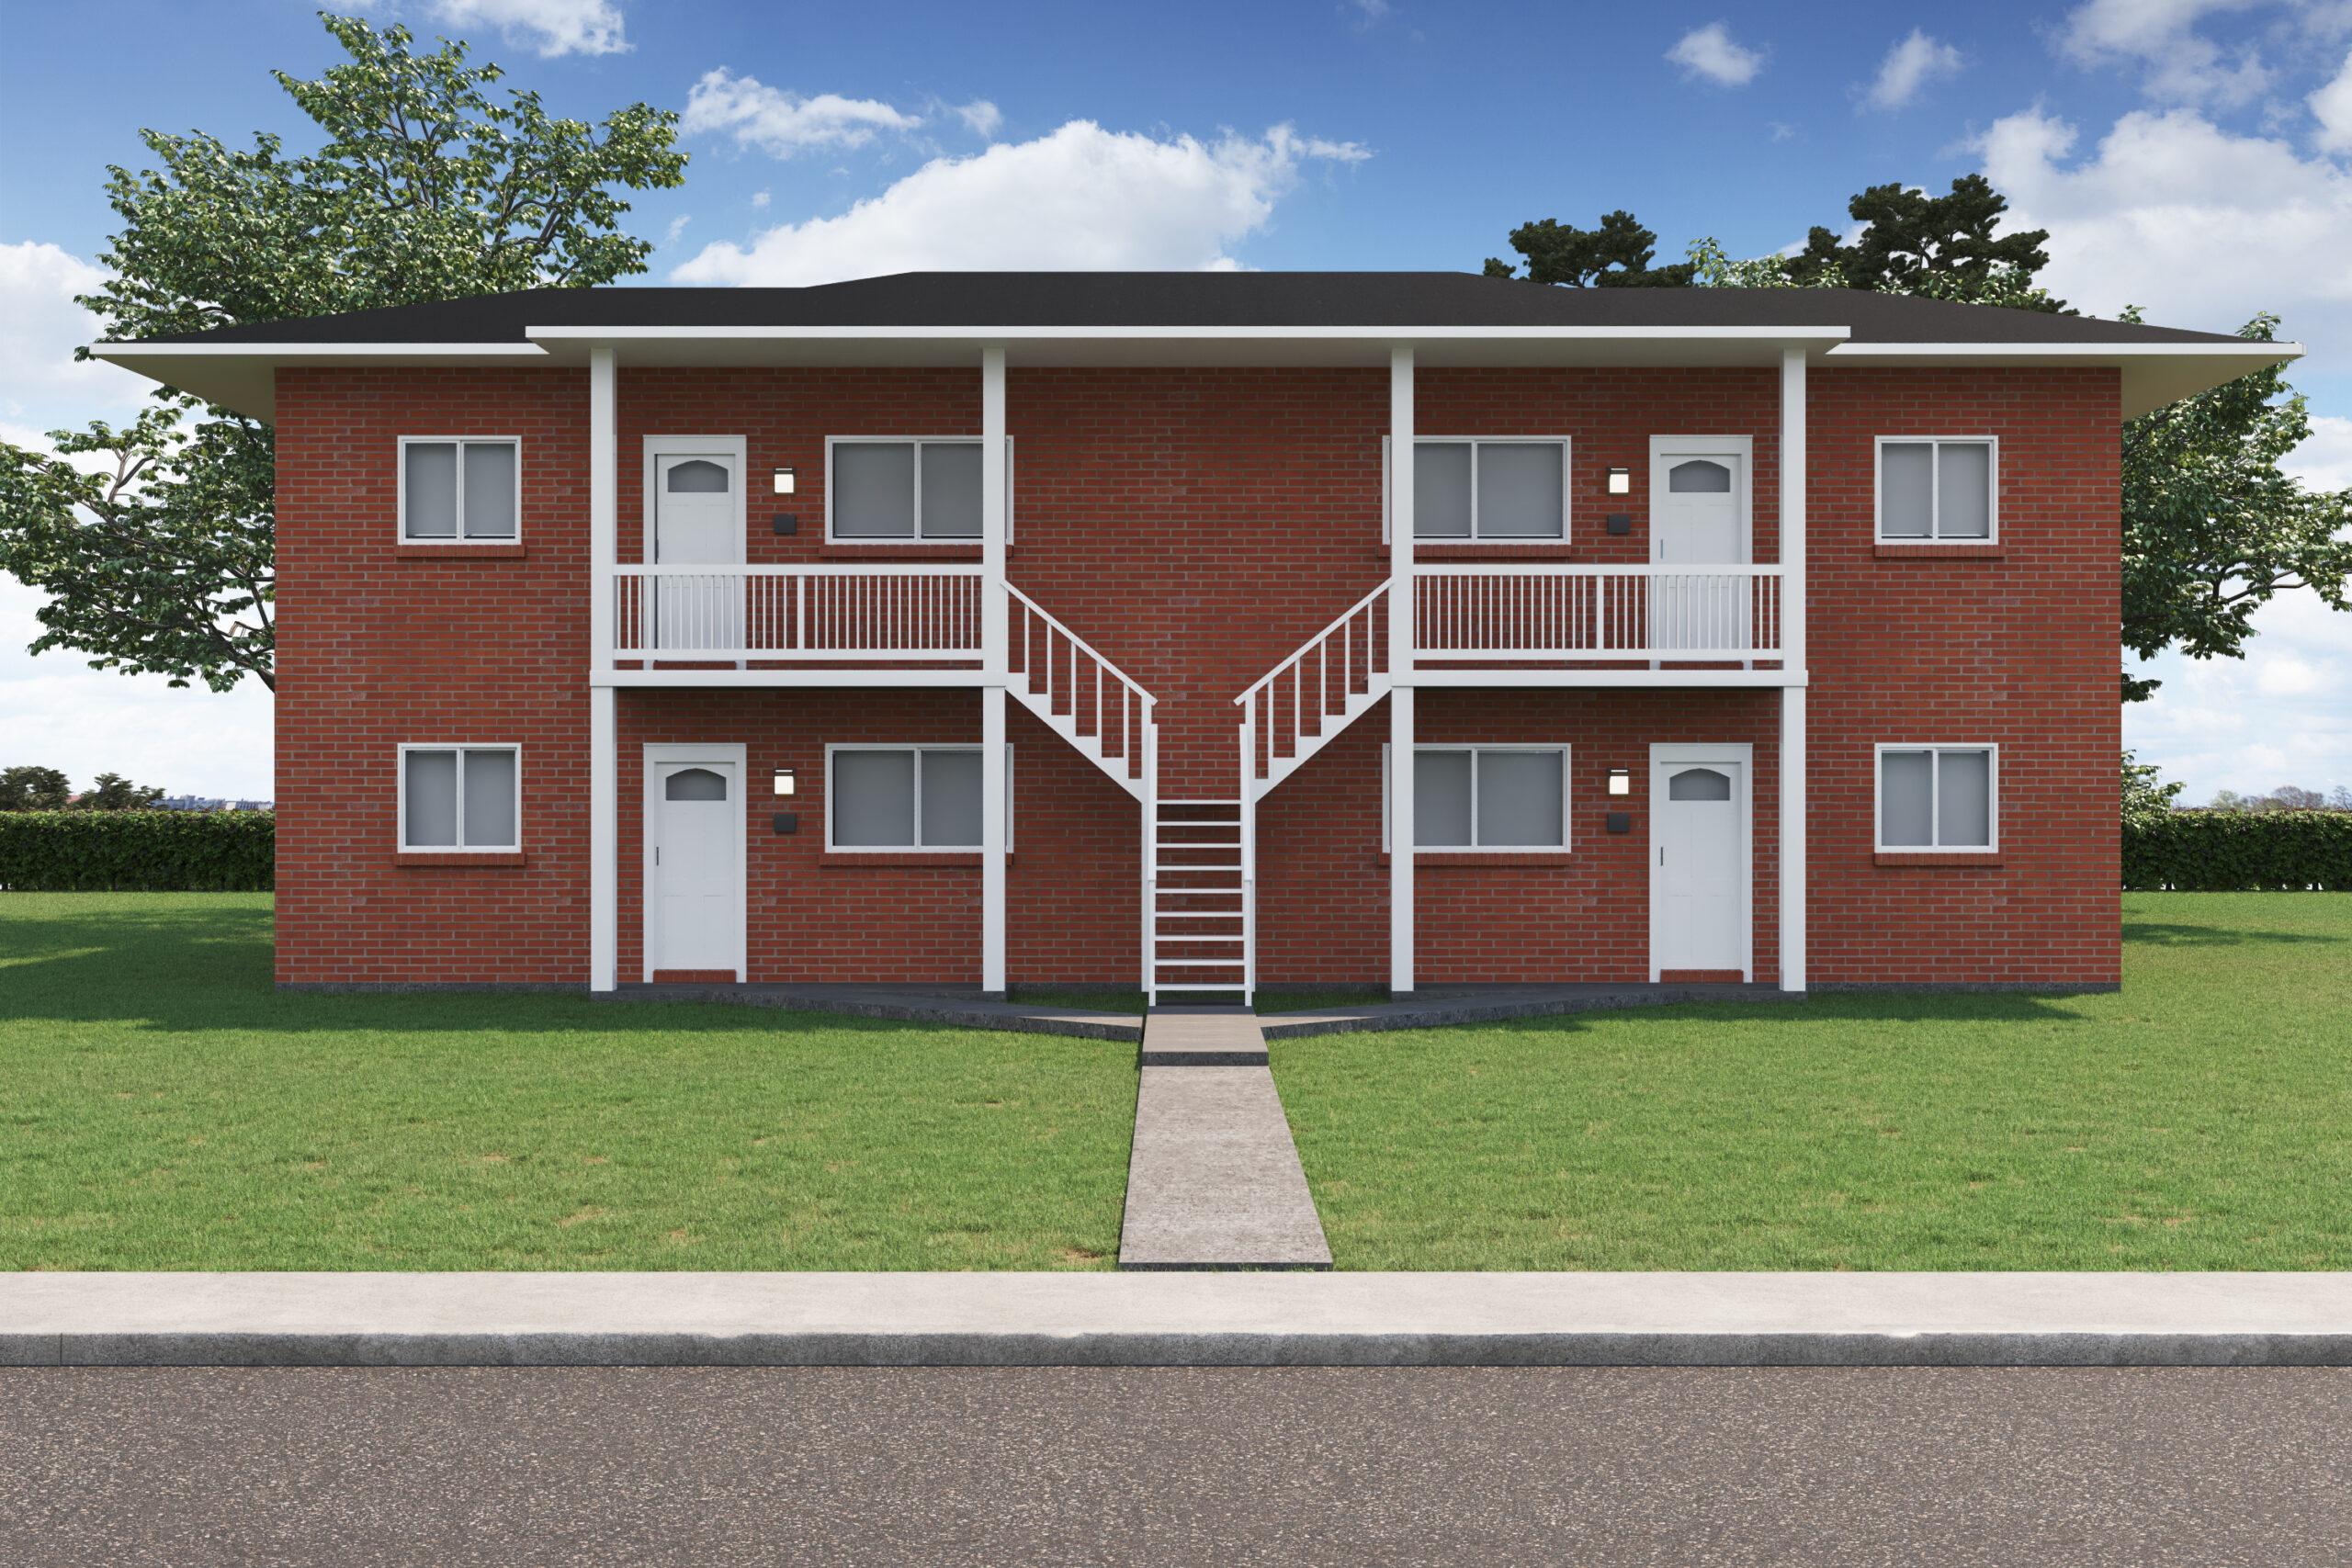 449 – B Barnett Road COLUMBUS OH 43213